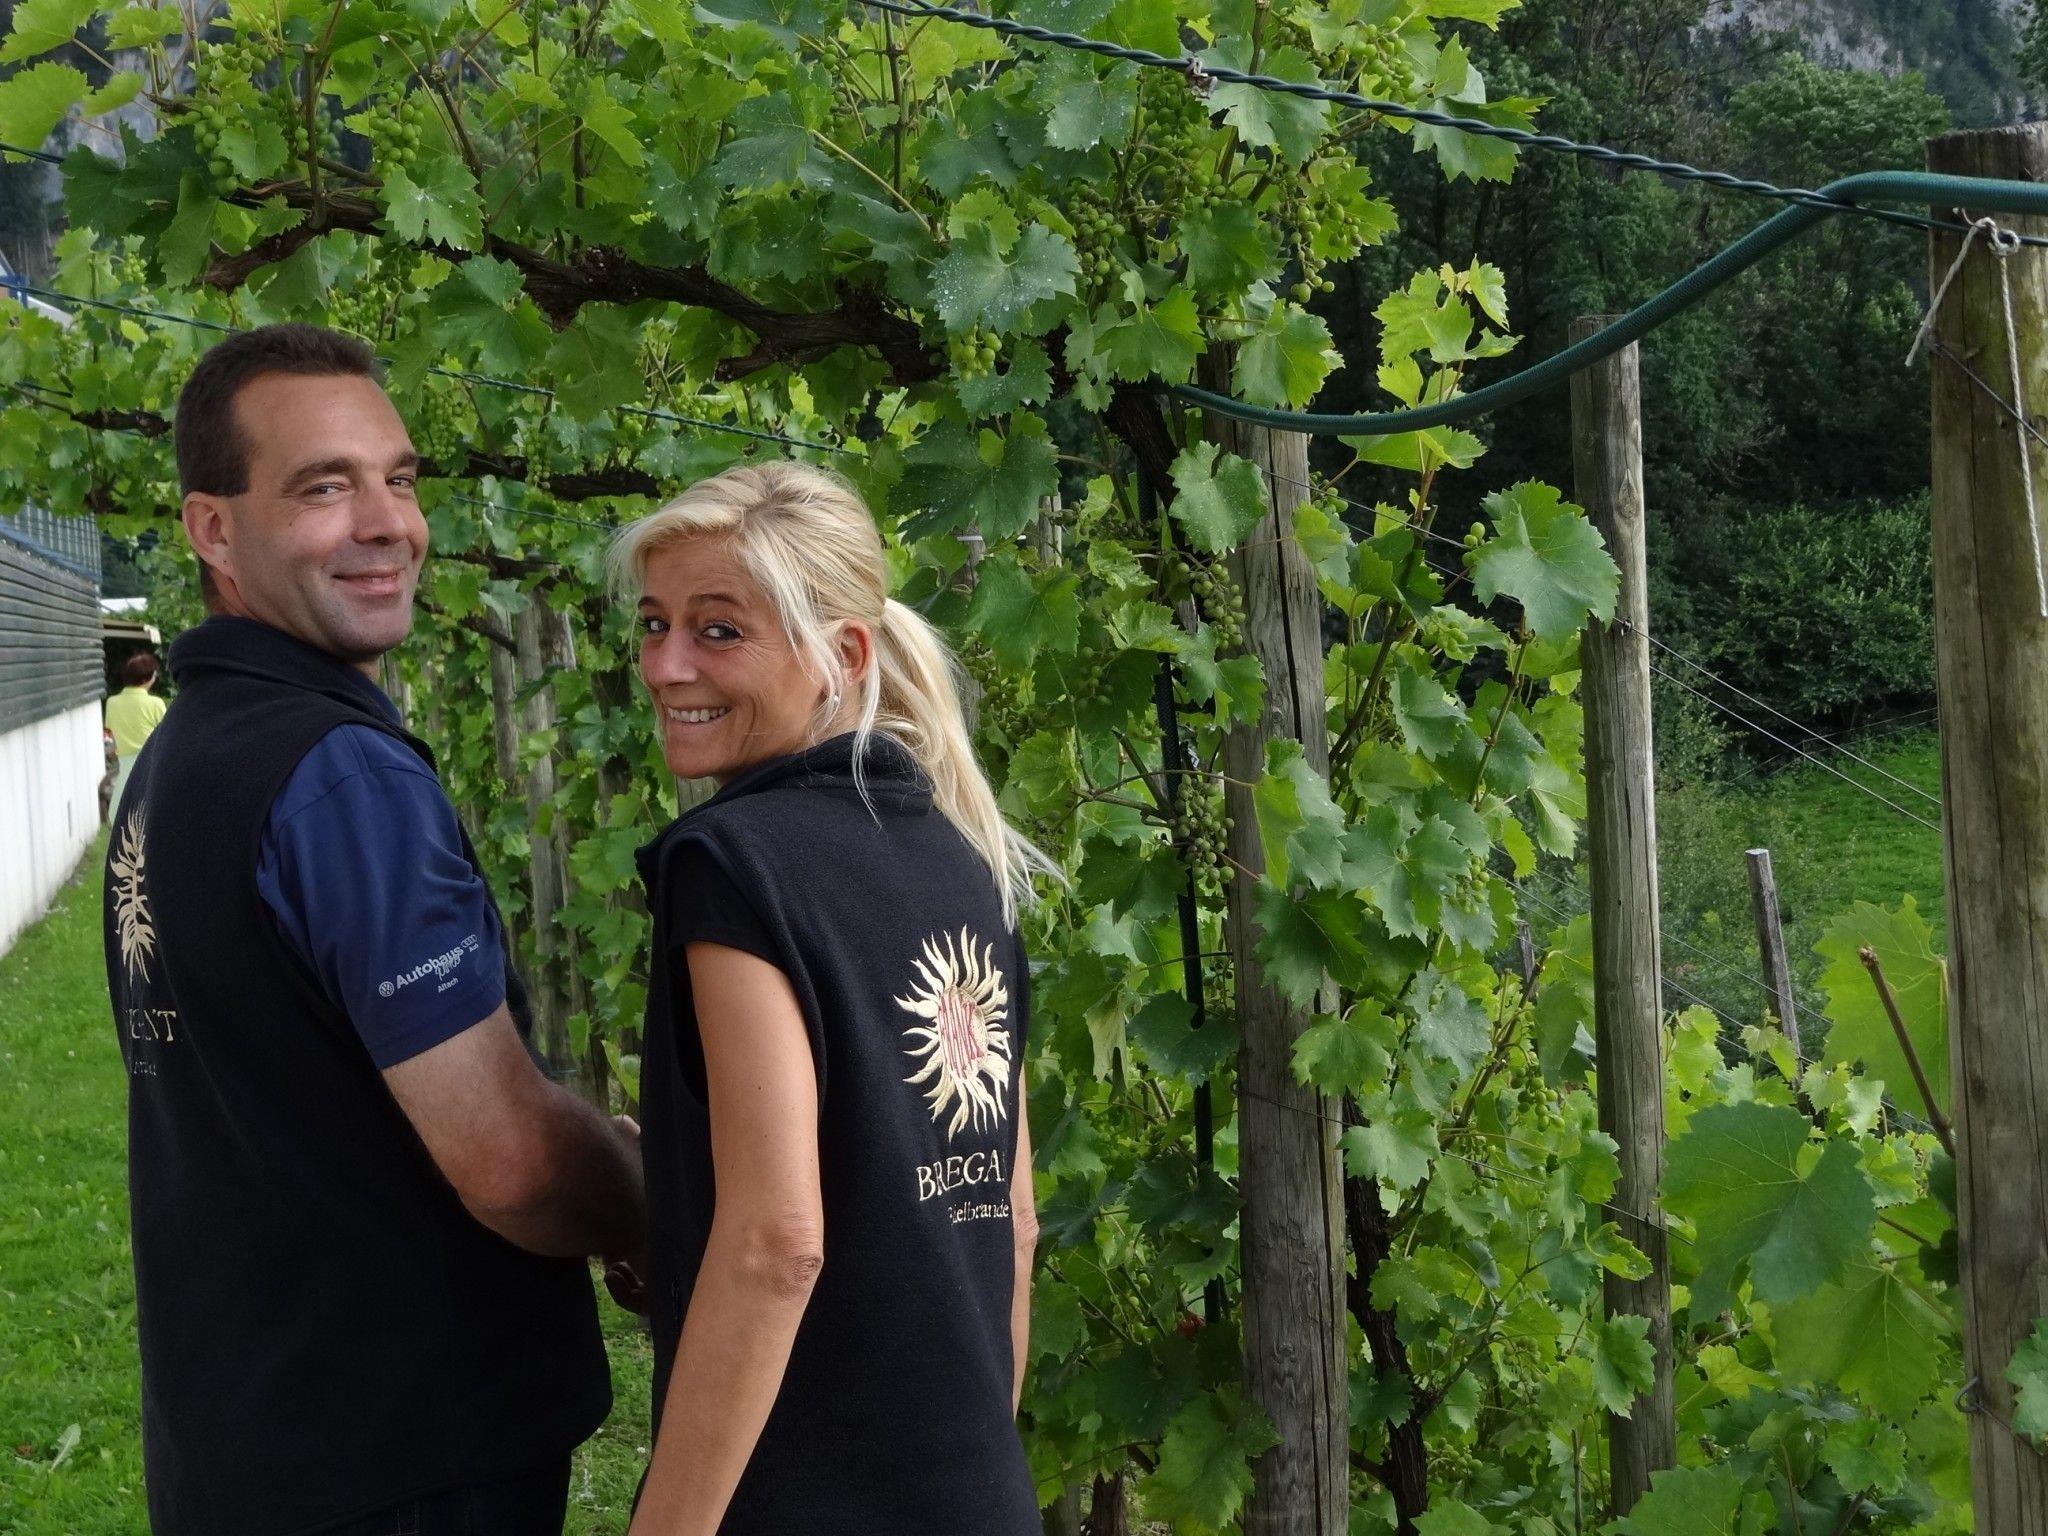 Frank & Edith Bregant im Juli in ihrem Weinberg oberhalb von Götzis